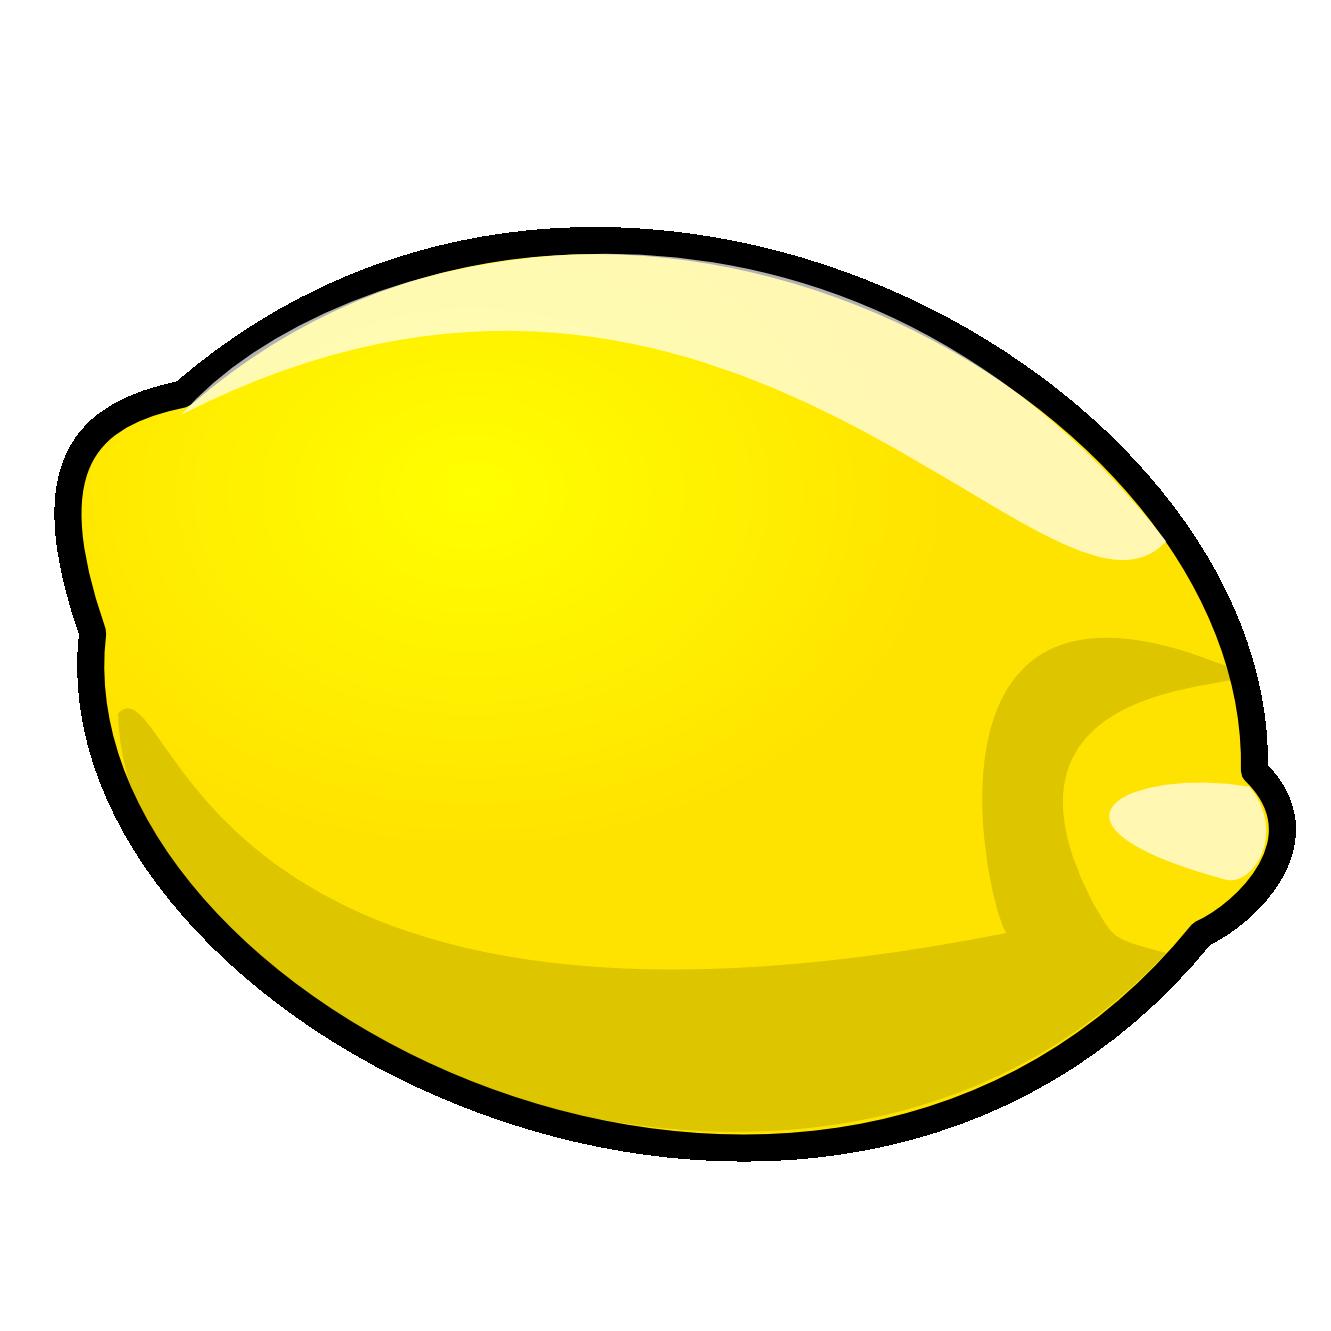 jpg freeuse Clip art free panda. Lemons clipart lemon fruit.